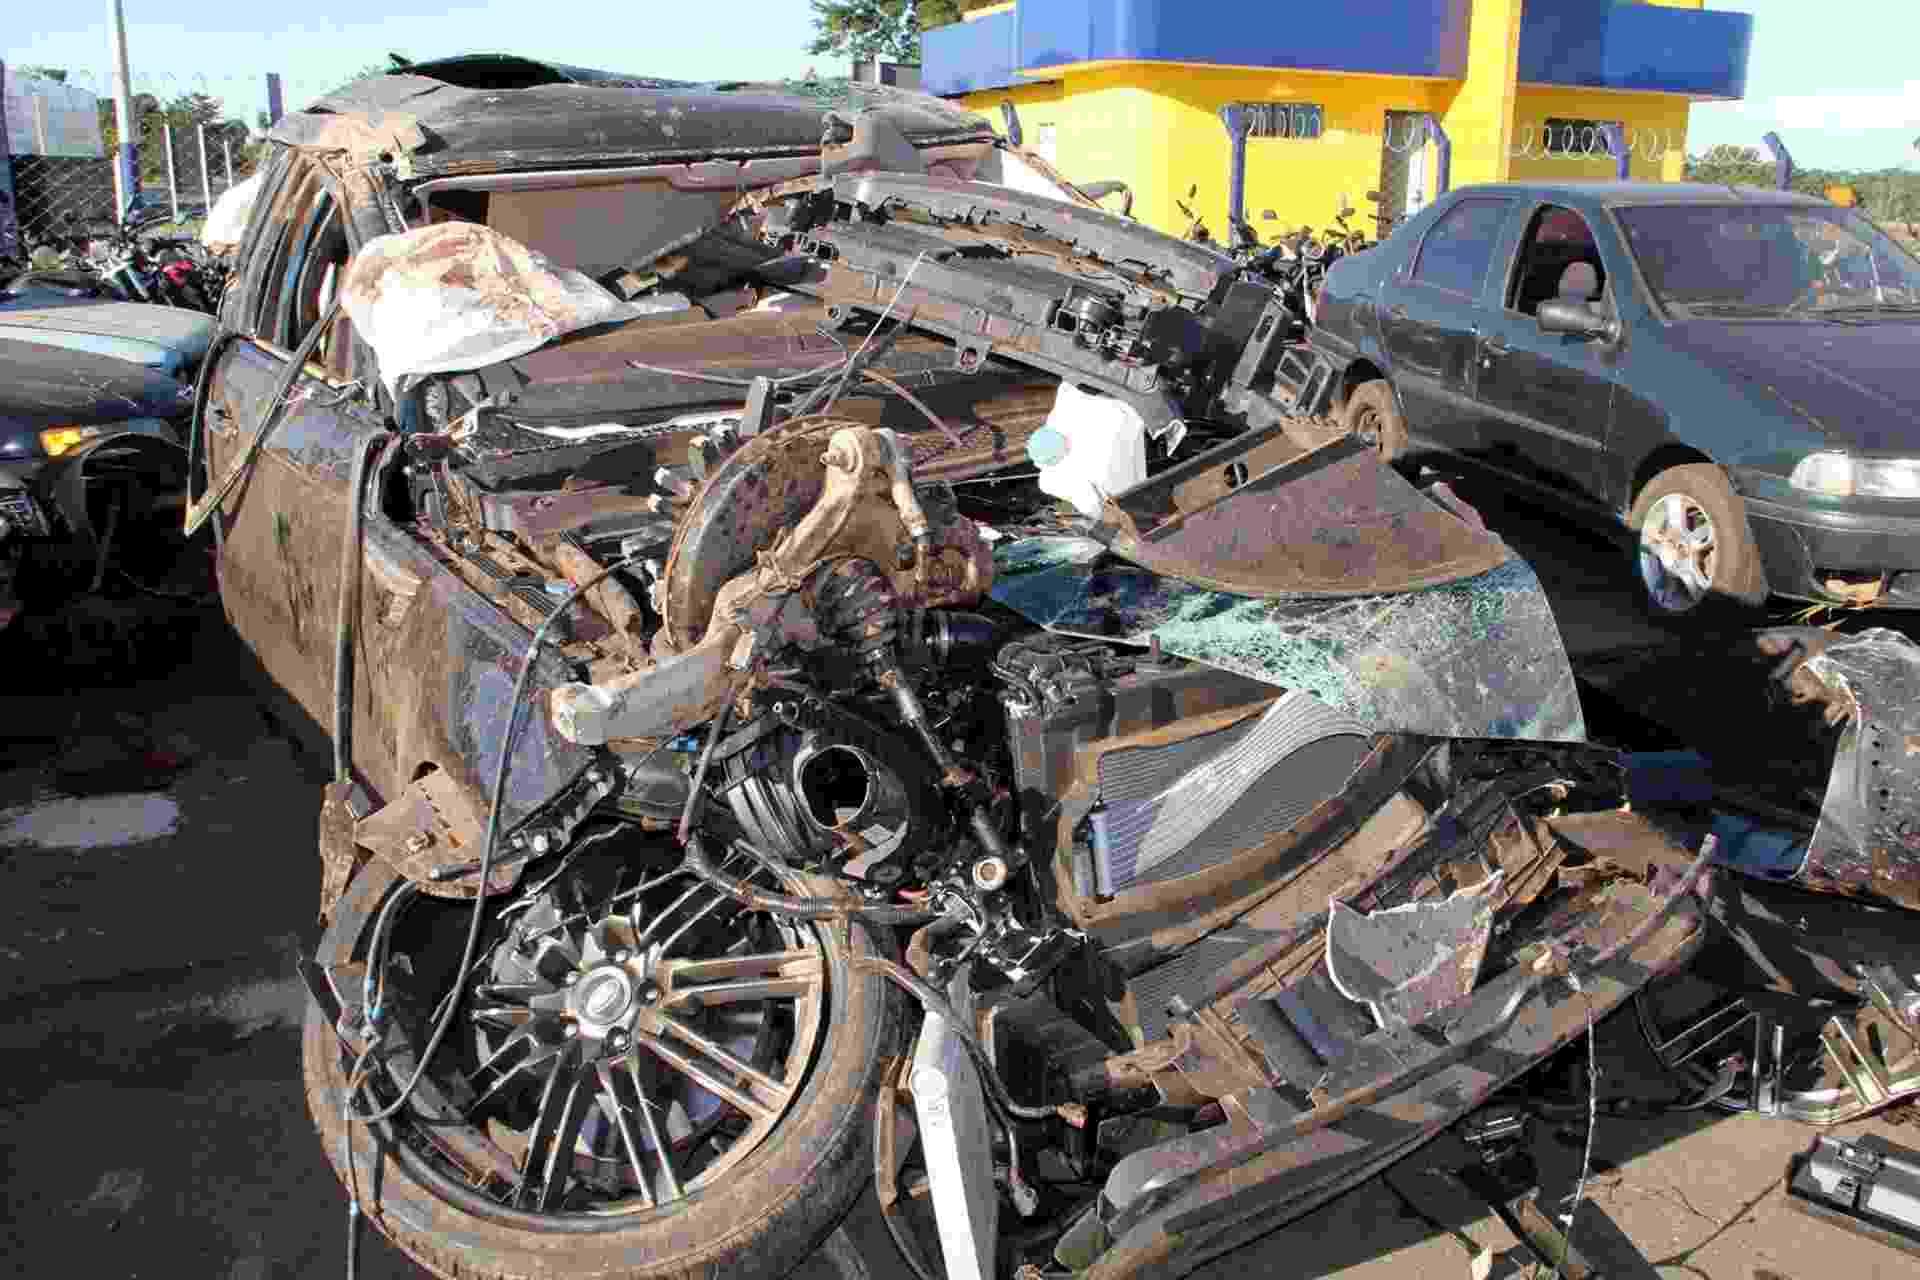 24.jun.2015 - Range Rover do cantor Cristiano Araújo, que morreu em acidente na BR 153, no km 614, entre Morrinhos e o trevo de Pontalina, em Goiás - Marcos Antonio Costa/Futura Press/Folhapress